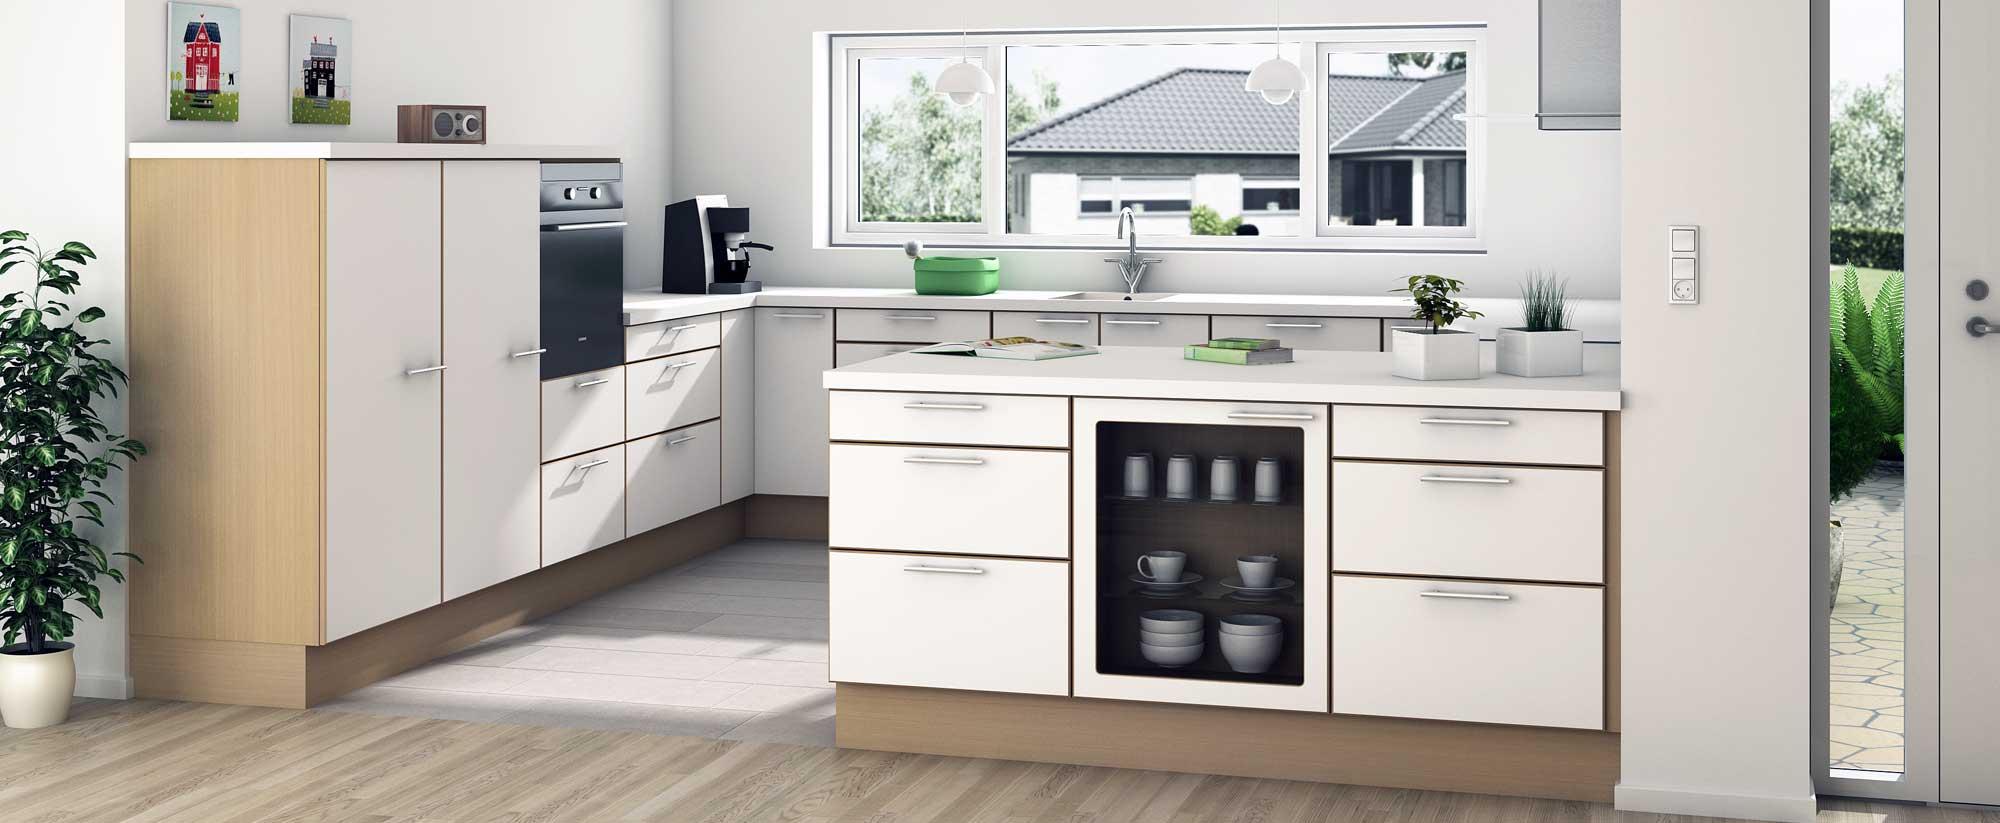 Kimbrer modulkøkken Stenild. Få mere køkken for pengene. Snedkerkøkken, formkøkken, modulkøkken.